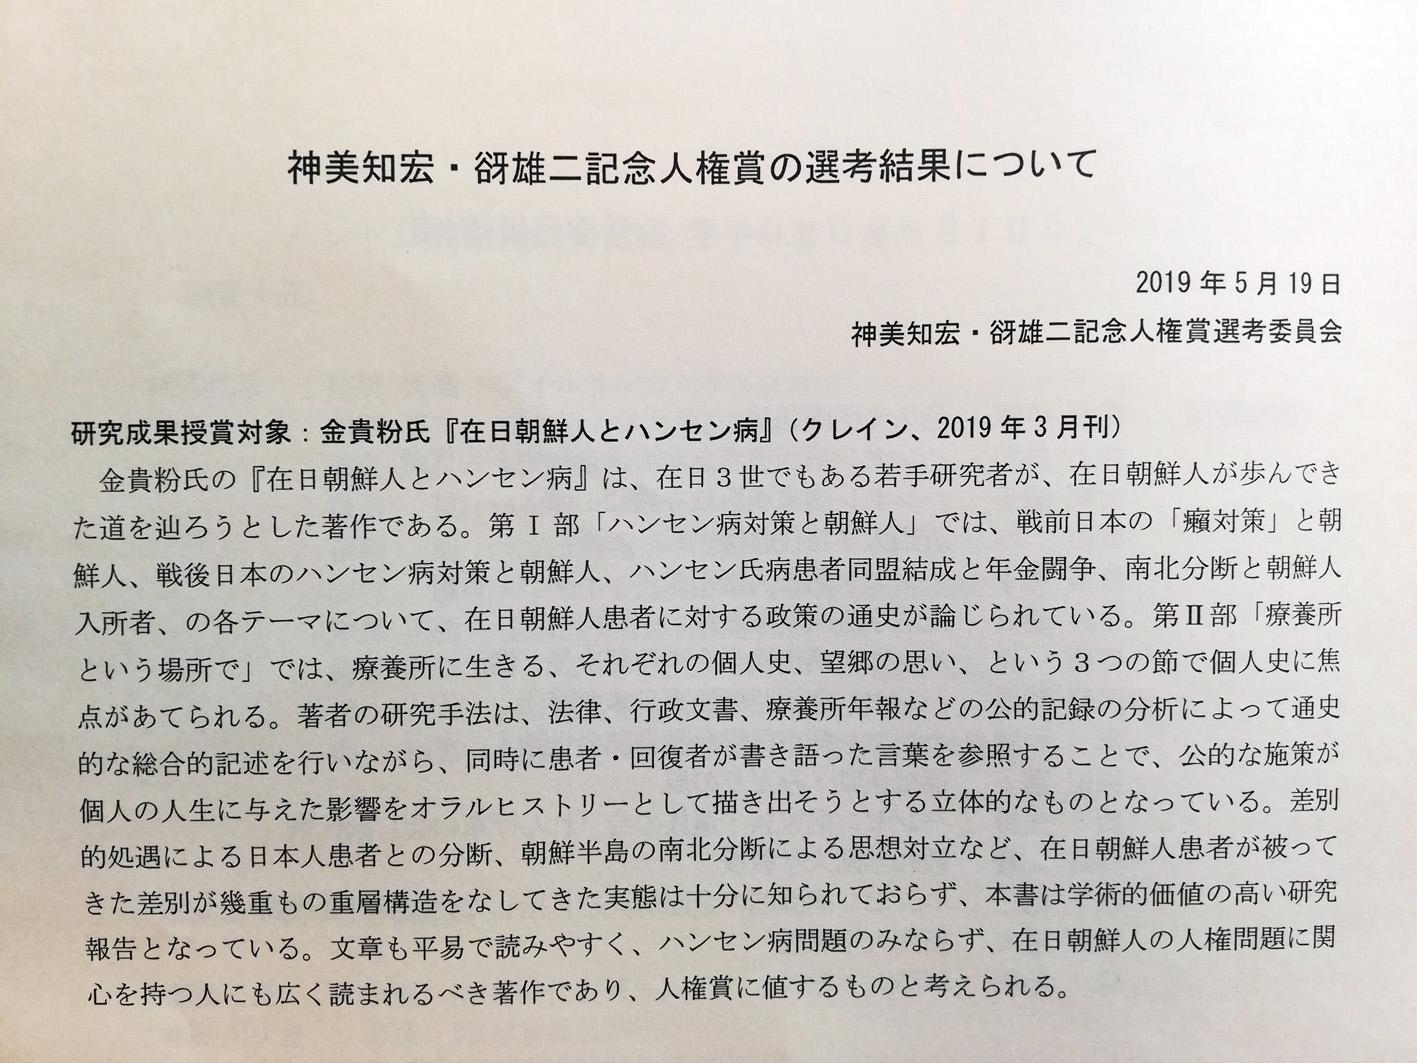 金貴粉さんが「第3回 神美知宏・谺雄二記念人権賞」を受賞しました。